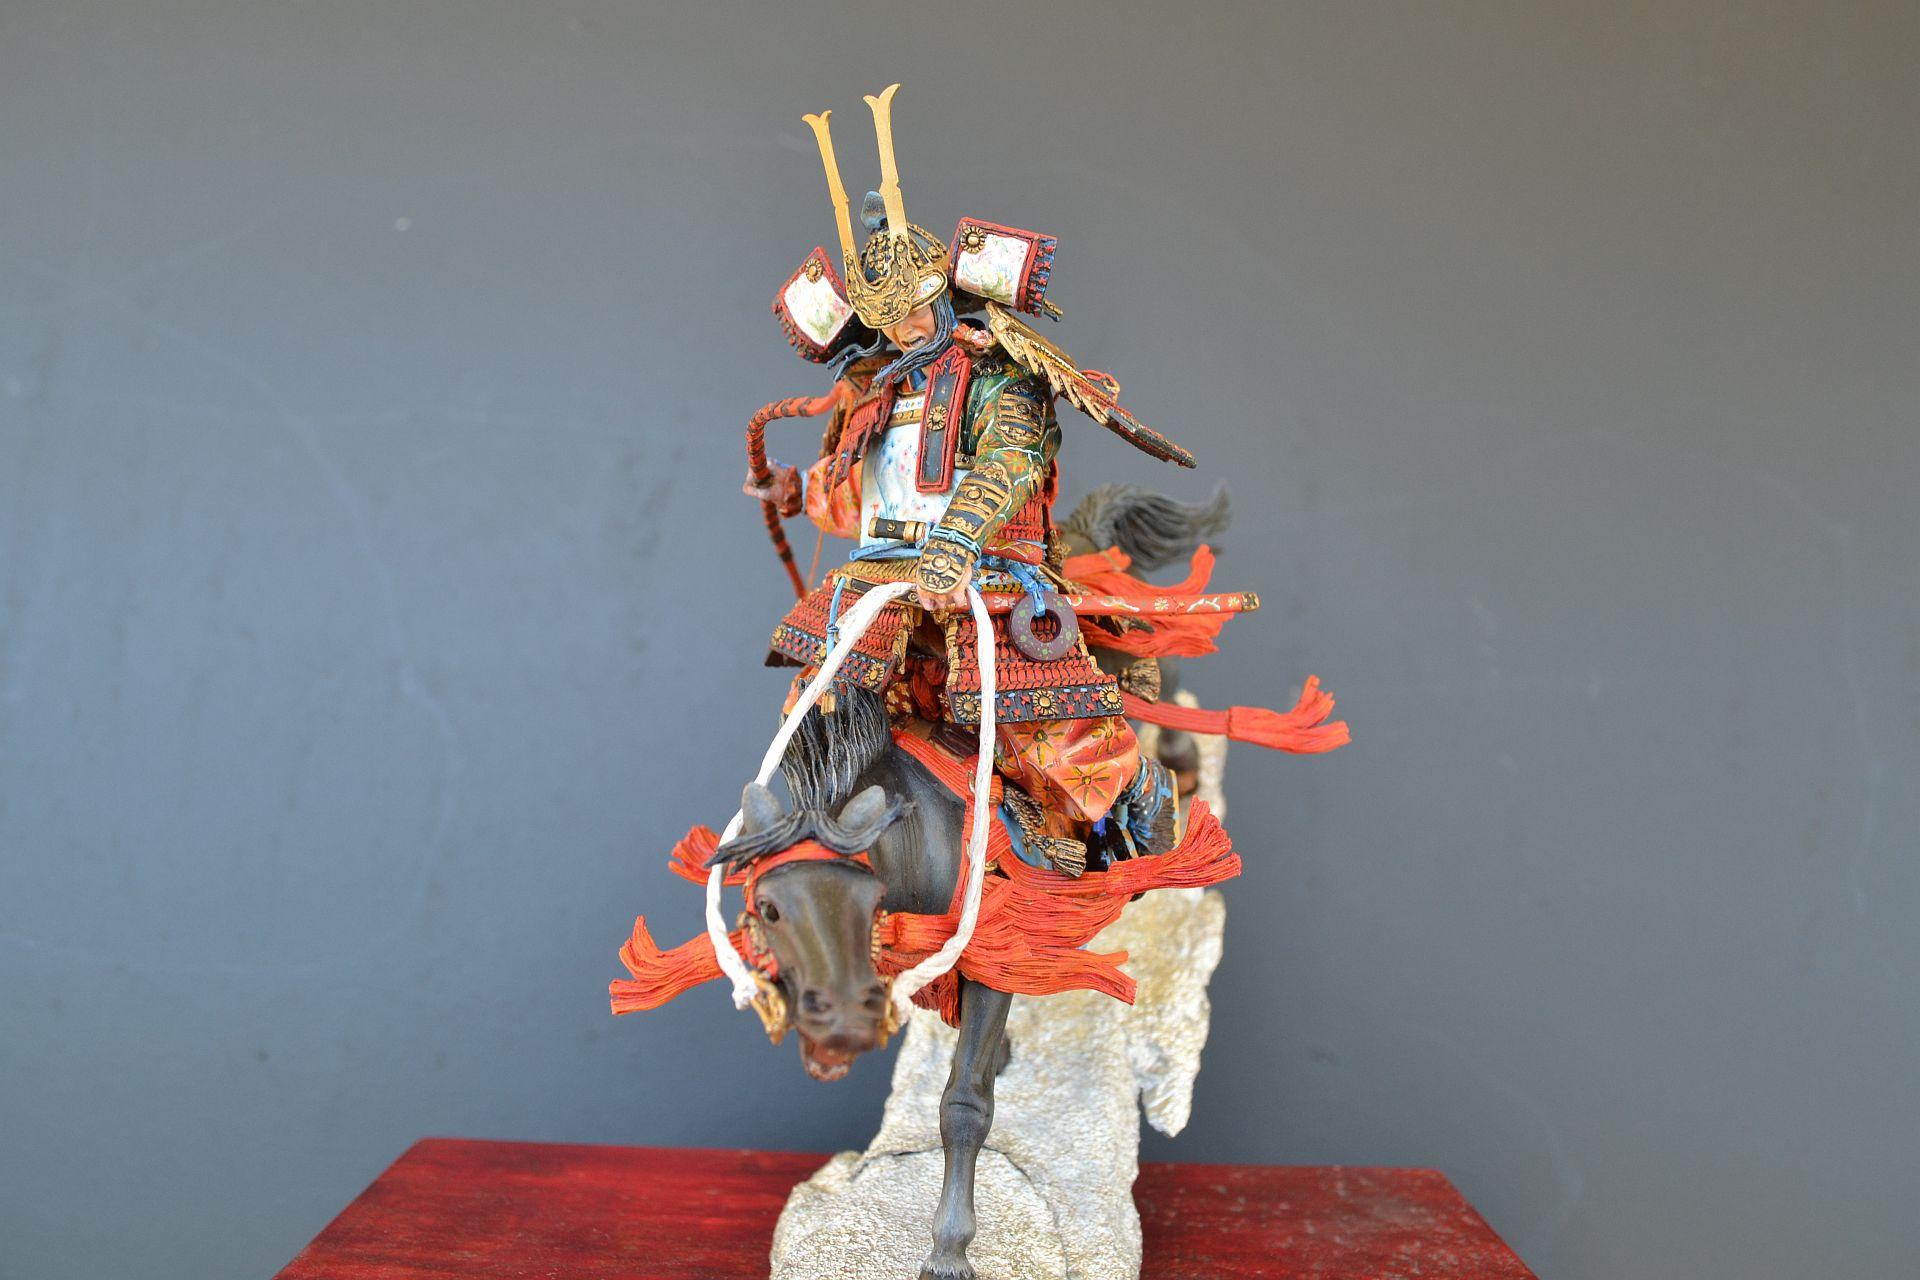 figurine pegaso - samouraï 90 mm - Page 3 160824023715522142